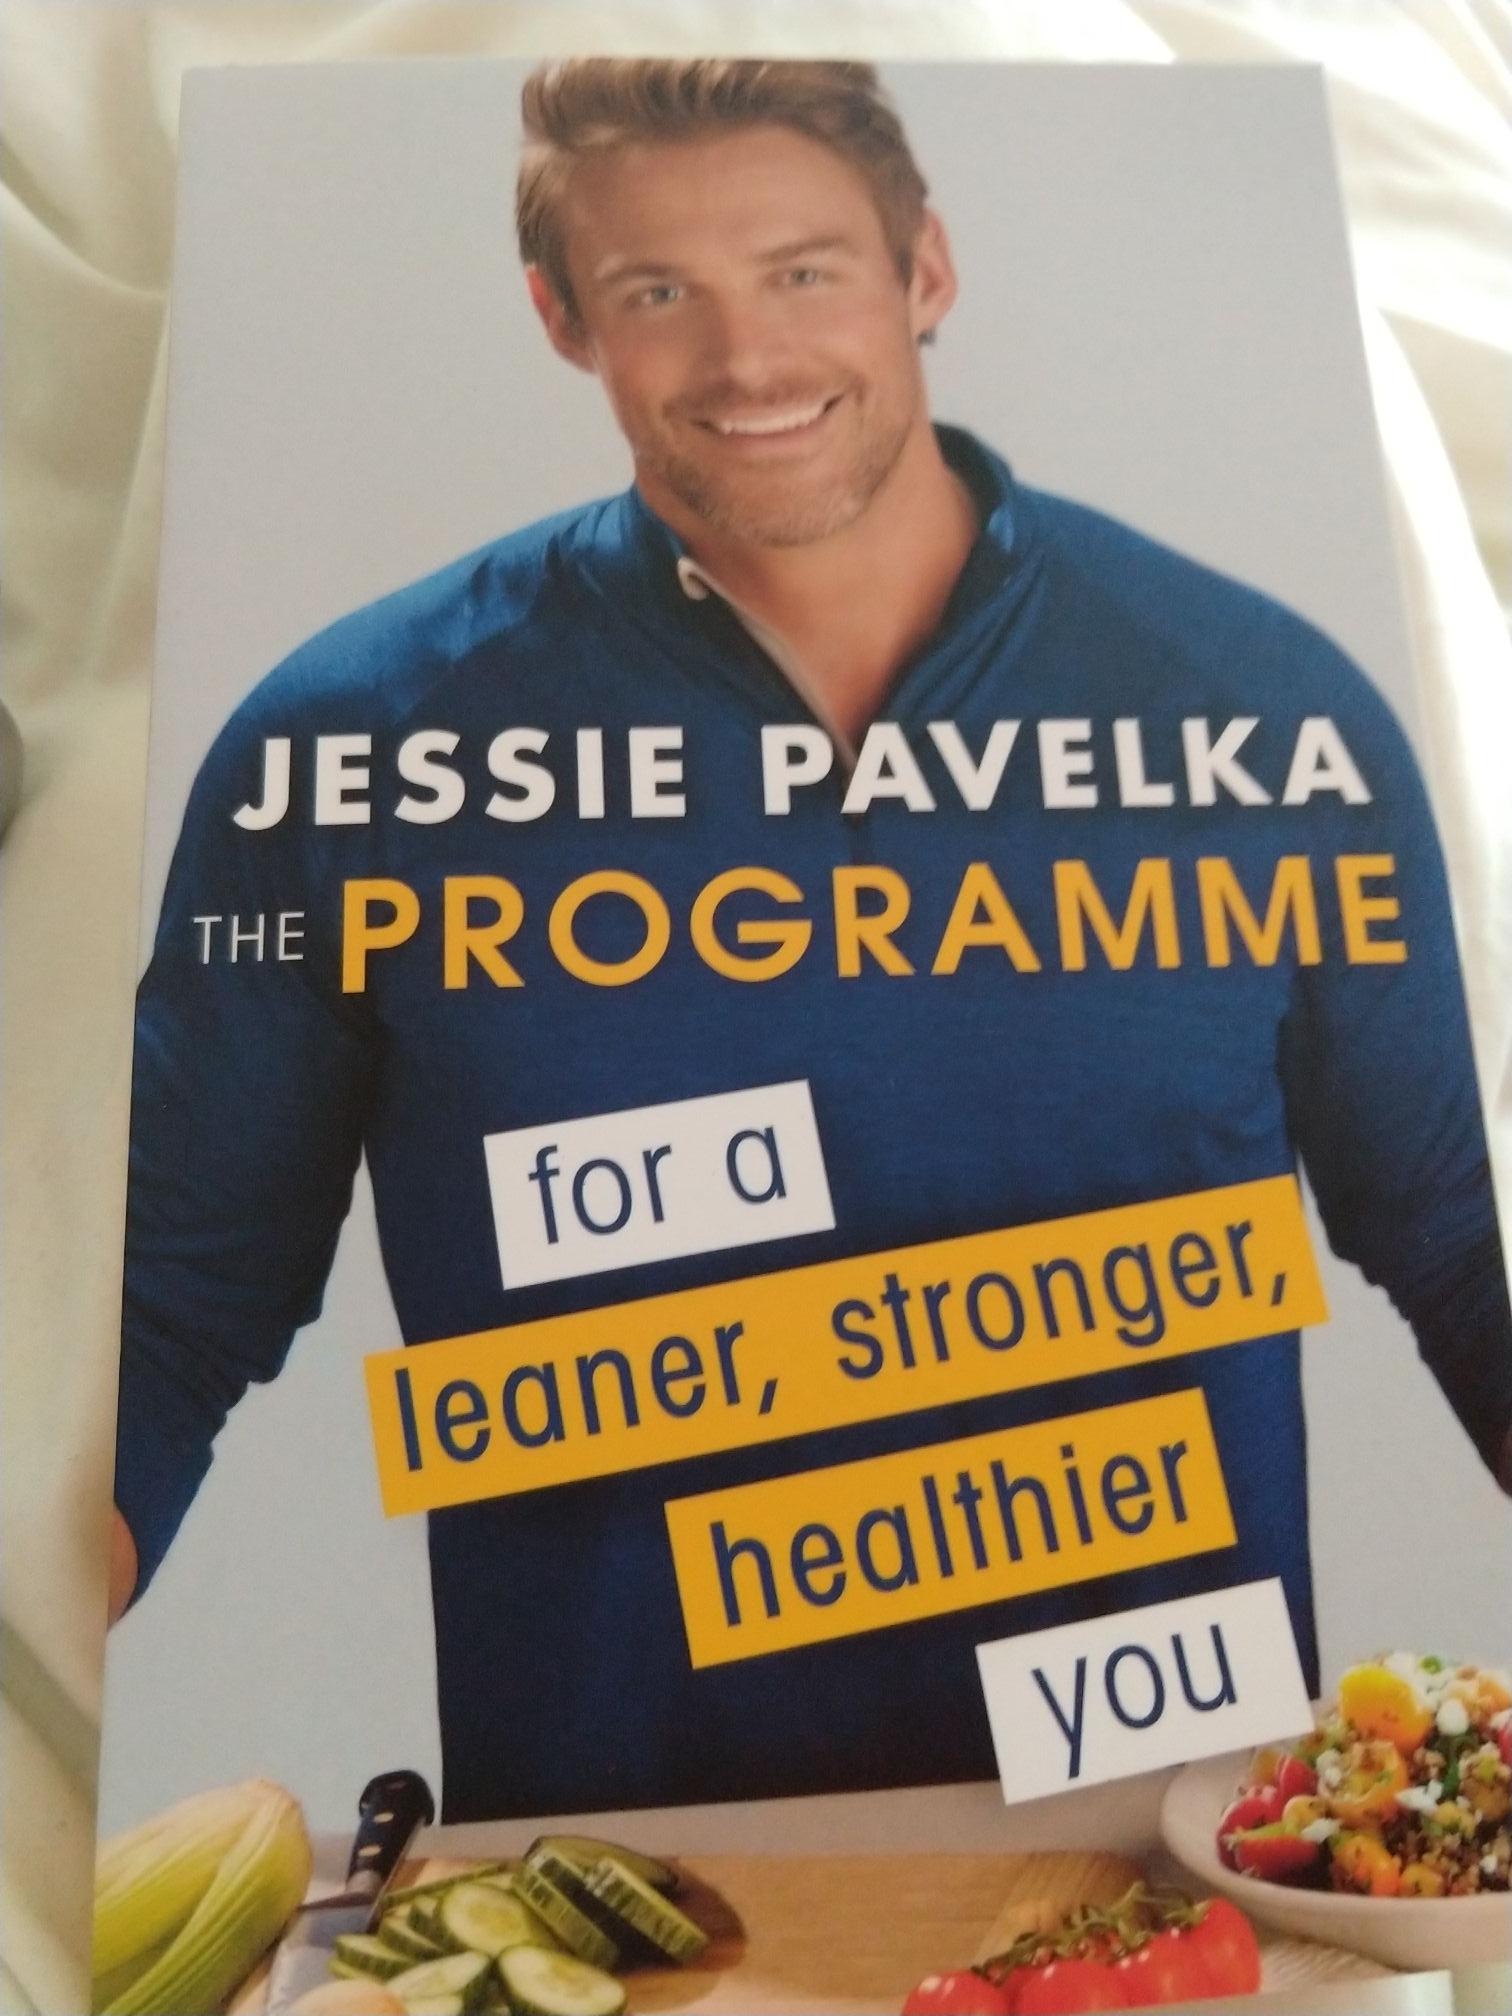 Jessie Pavelka The Programme £1 at Poundland